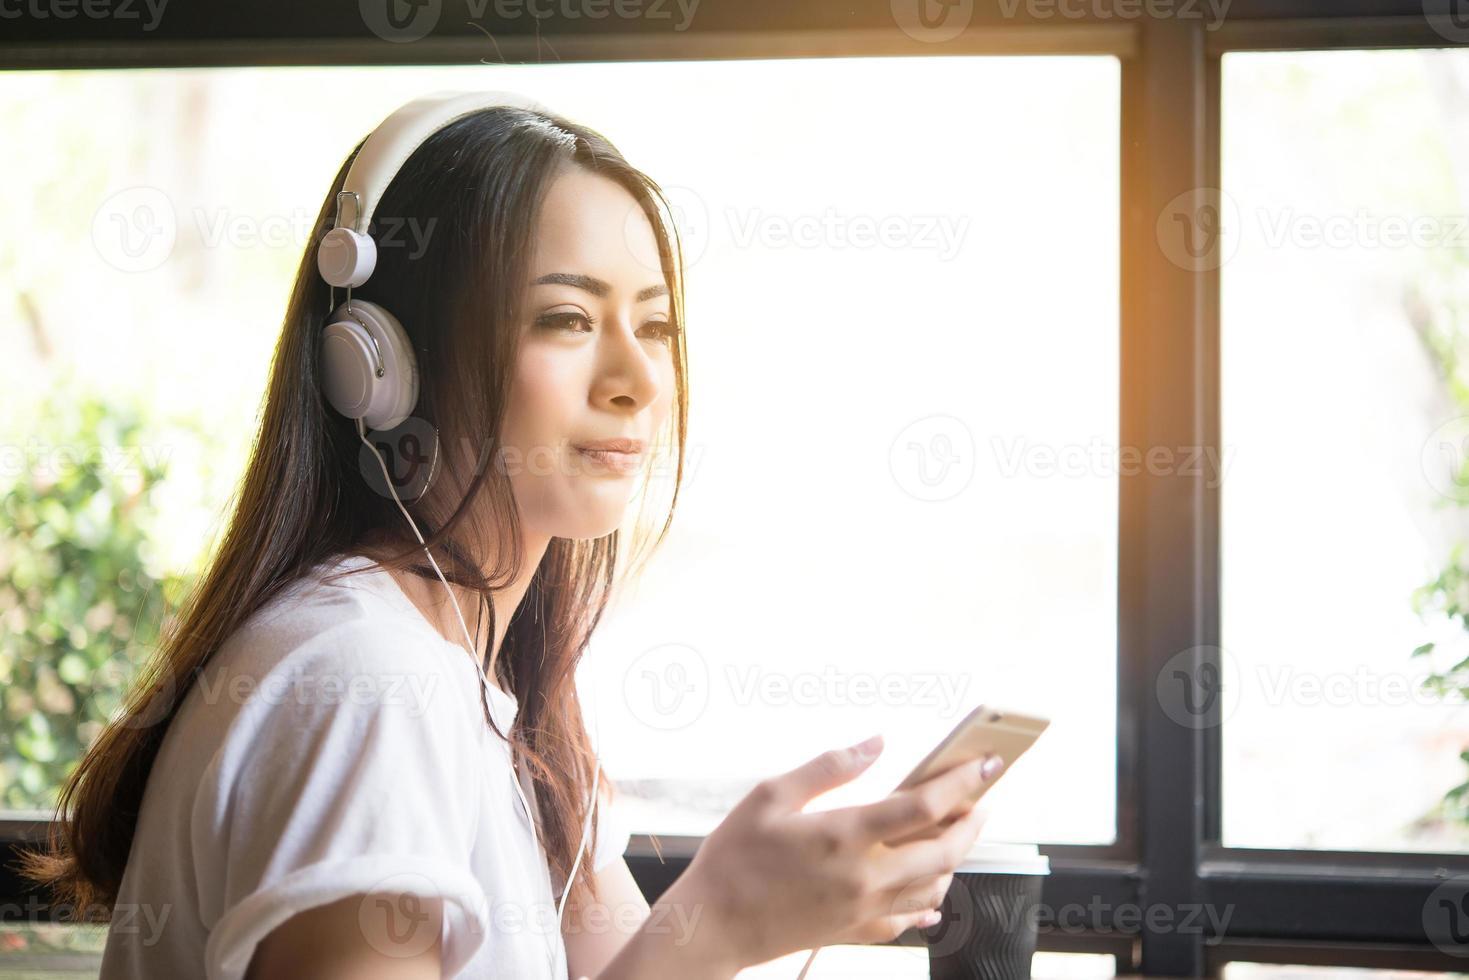 giovane donna che ascolta la musica in cuffia con sfondo davanzale foto